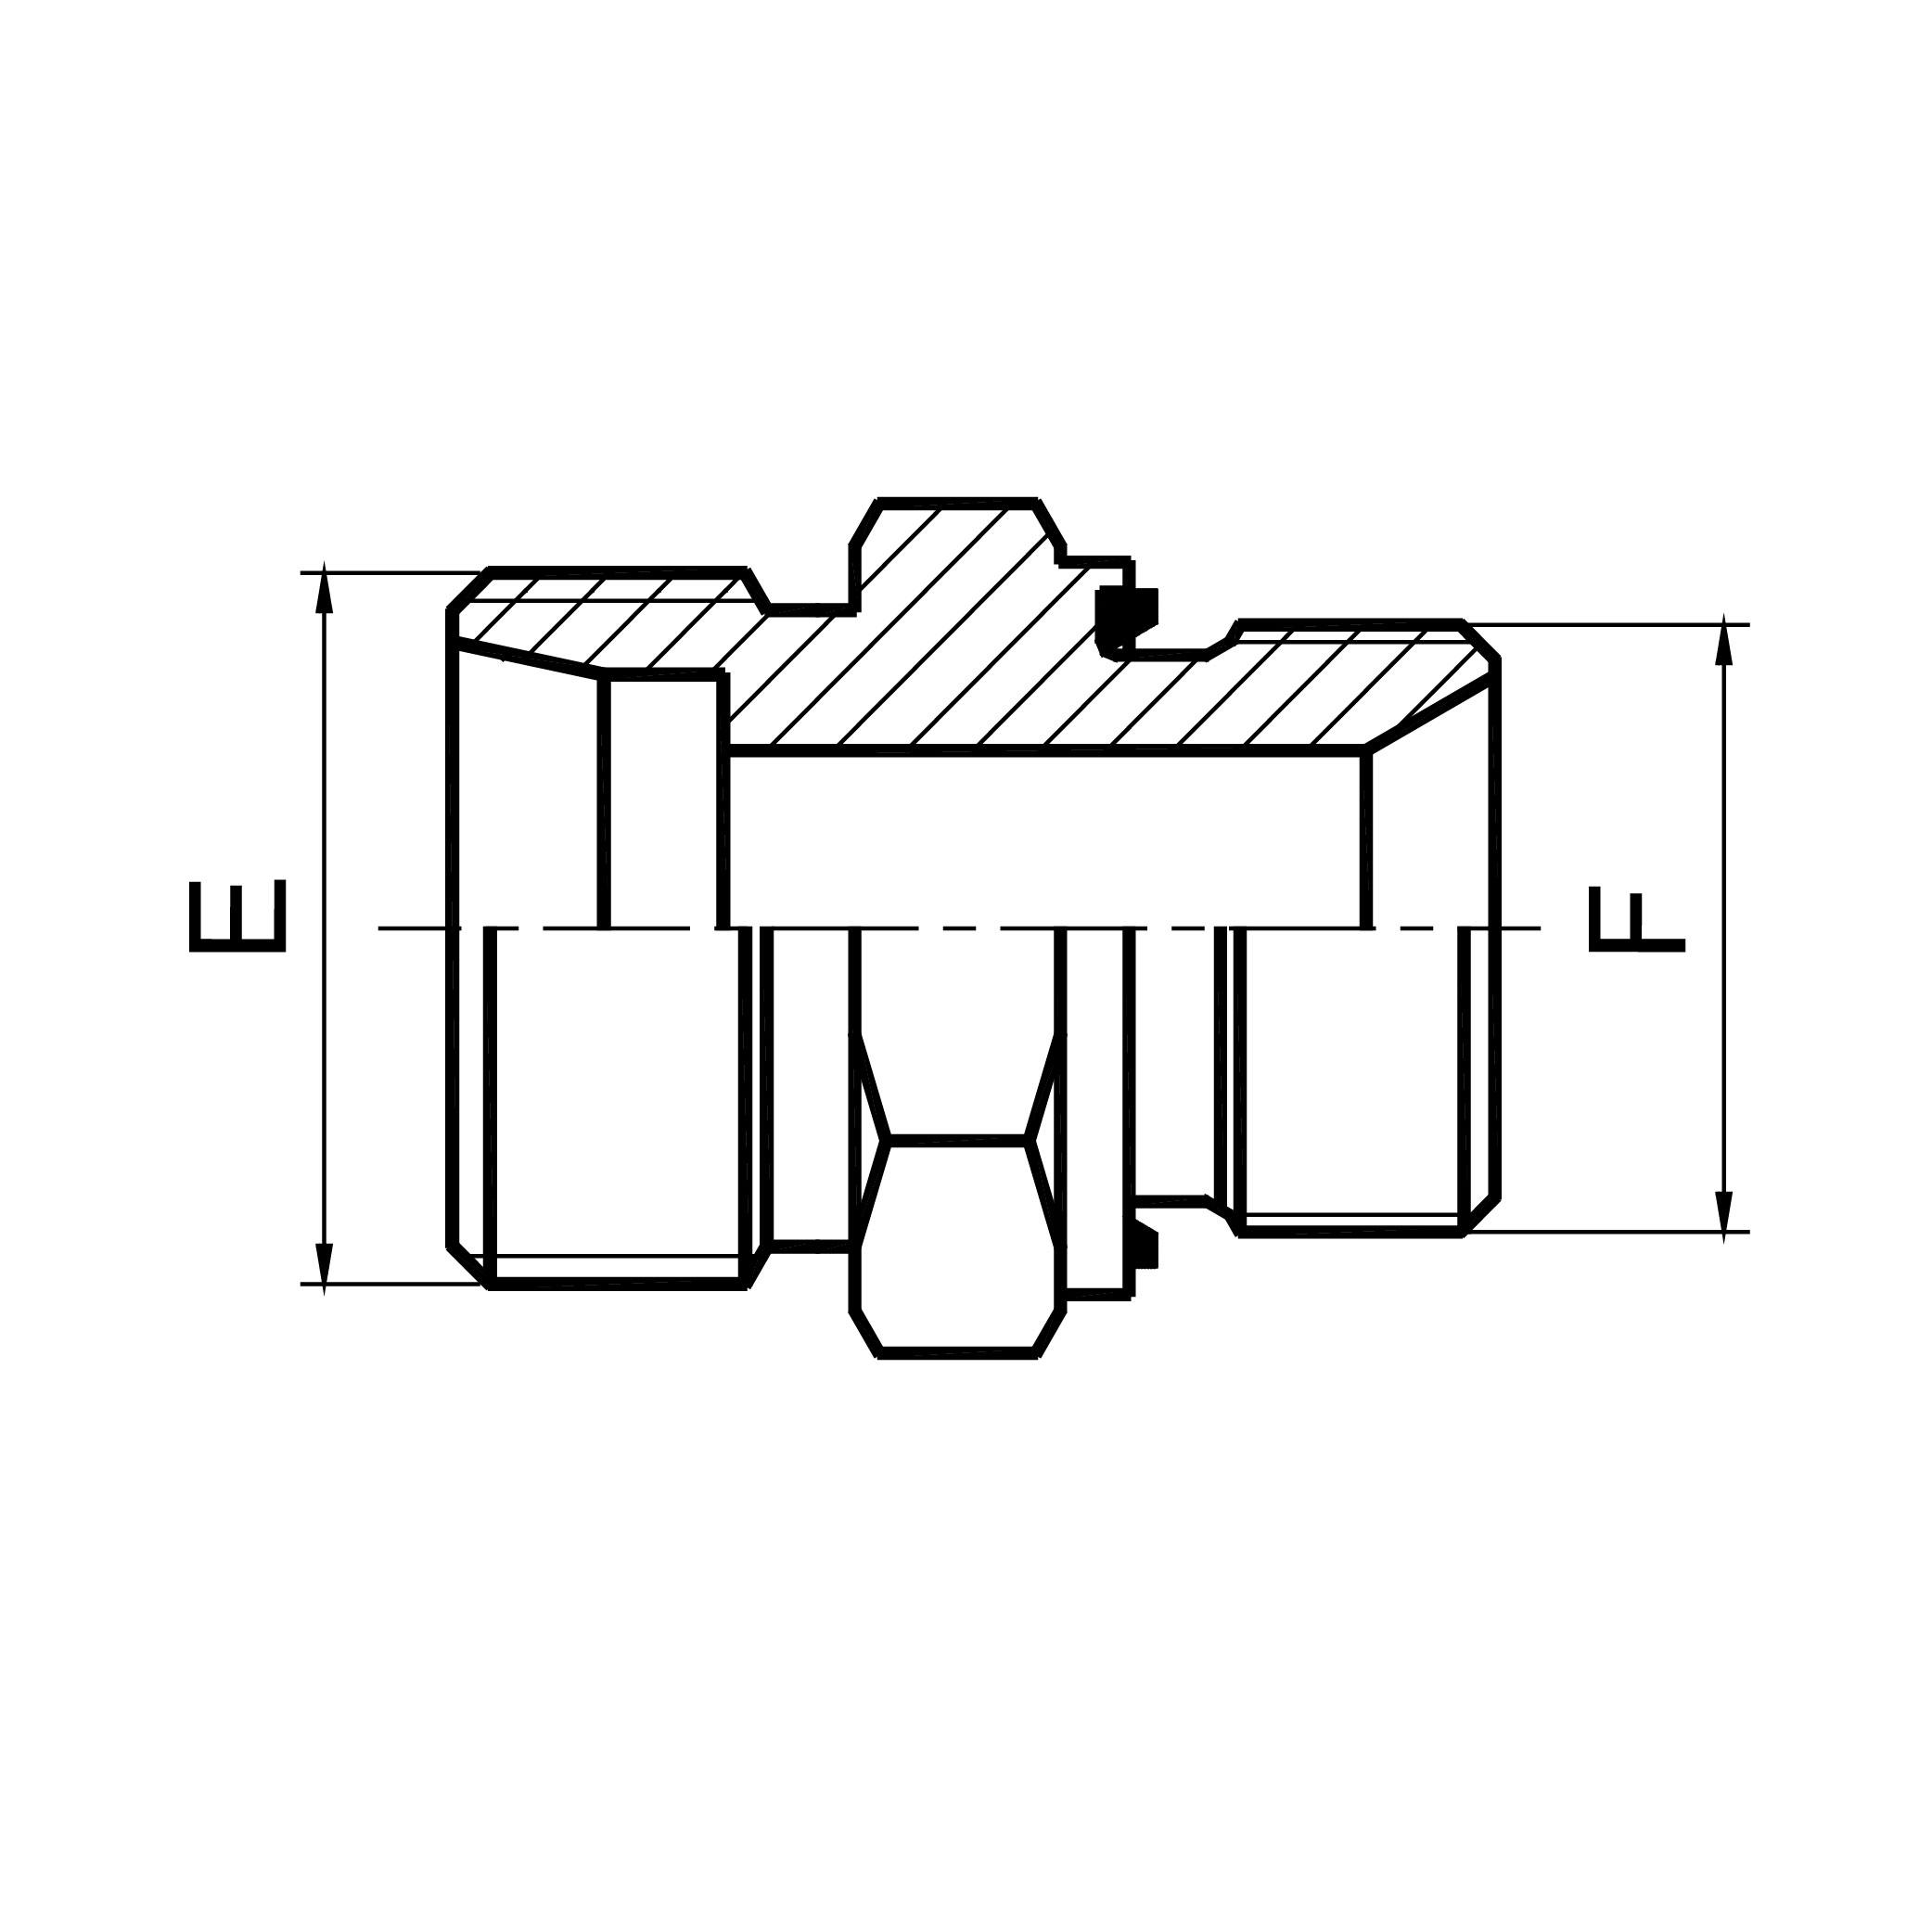 公制螺纹胶垫密封柱端 1CM-WD/1DM-WD